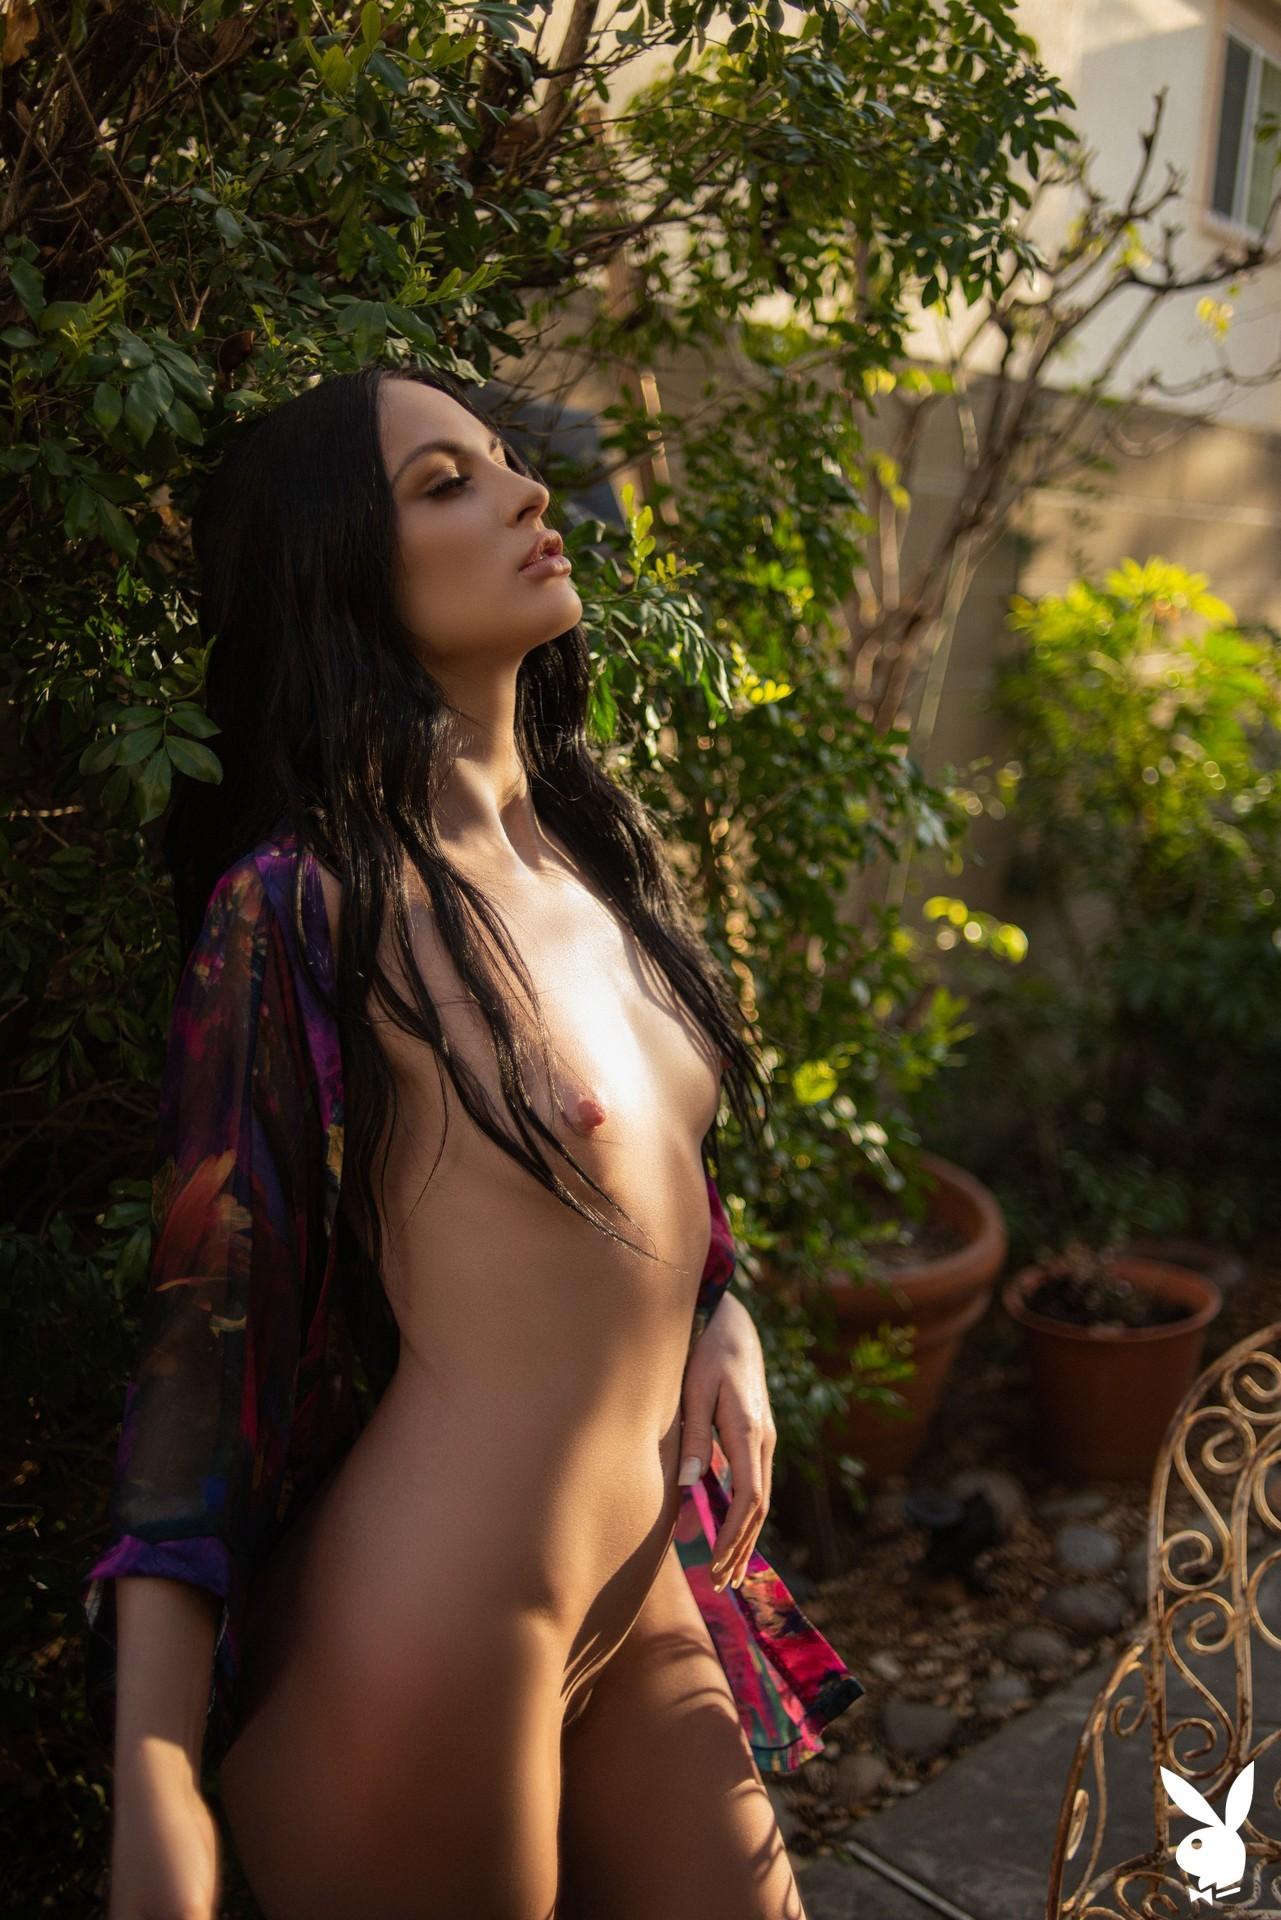 Carissa White In Glamour Garden Playboy Plus (20)